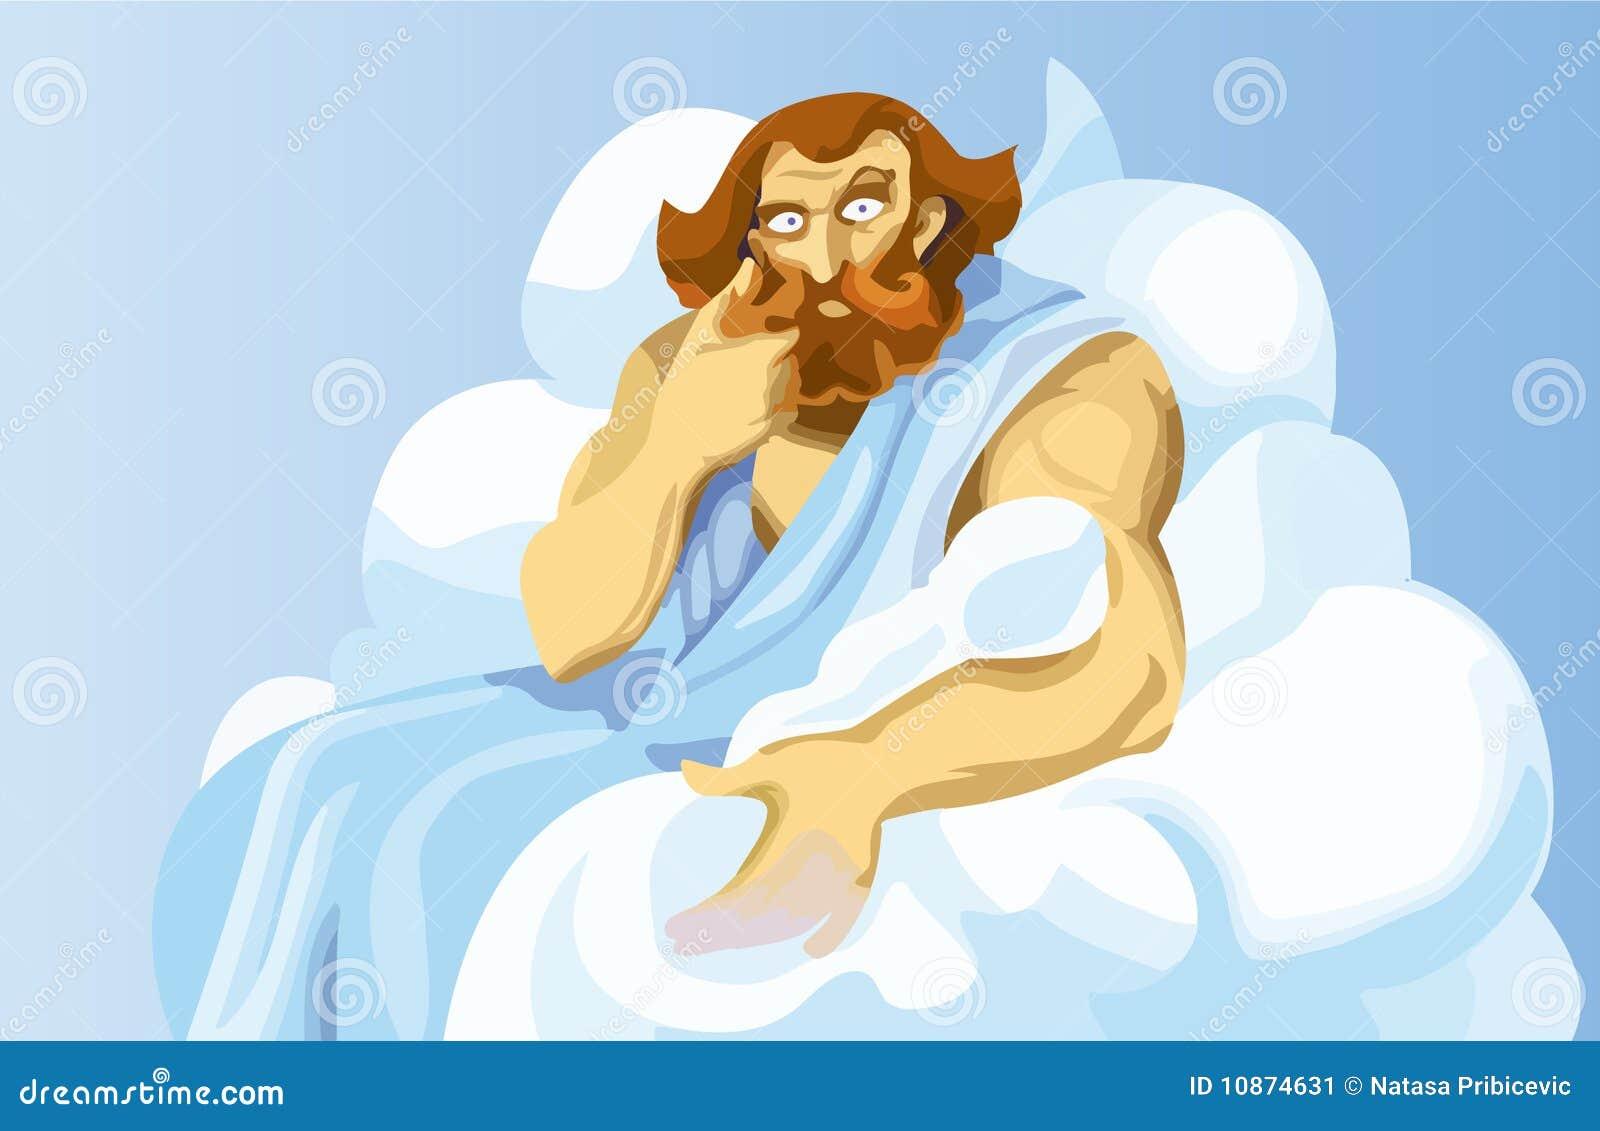 Uranus Greek Mythology Uranus  god